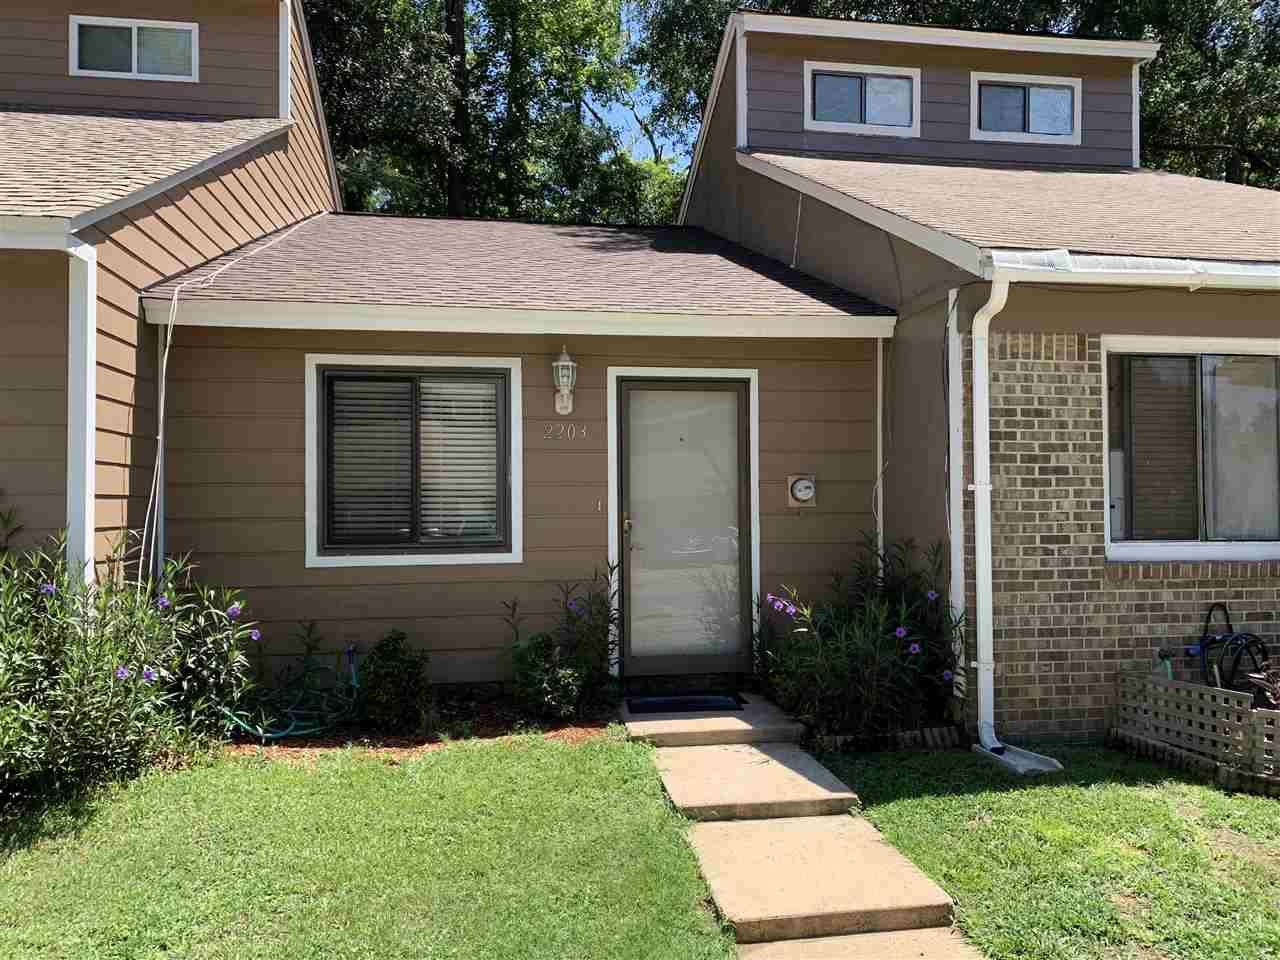 2203 Sandpiper Street, Tallahassee, FL 32303 - MLS#: 334177